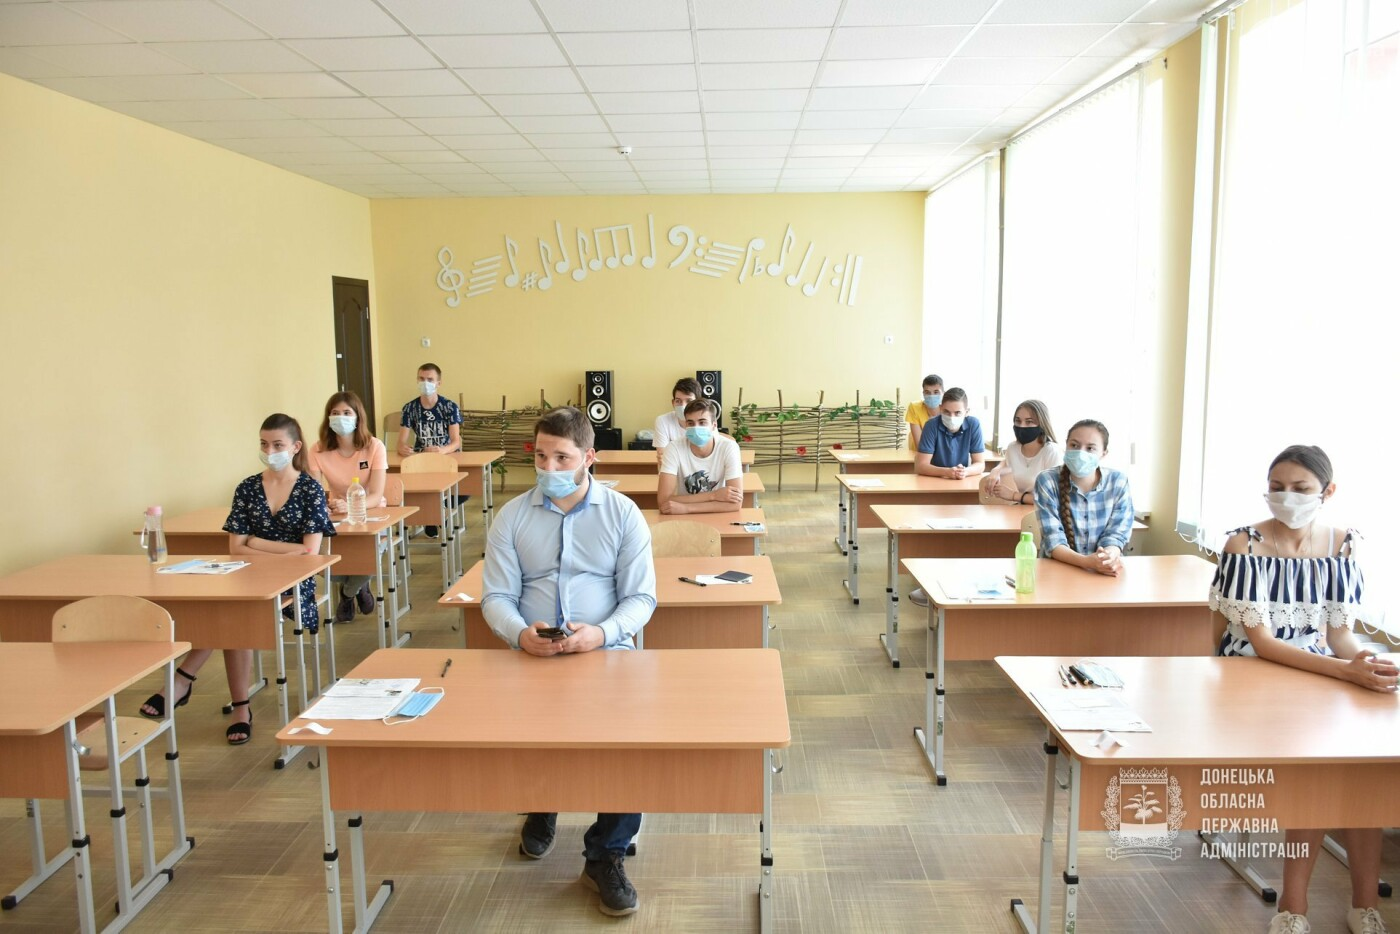 121 абитуриент с оккупированной территории смог взять участие в обязательном ВНО по украинскому языку, - ФОТО, фото-1